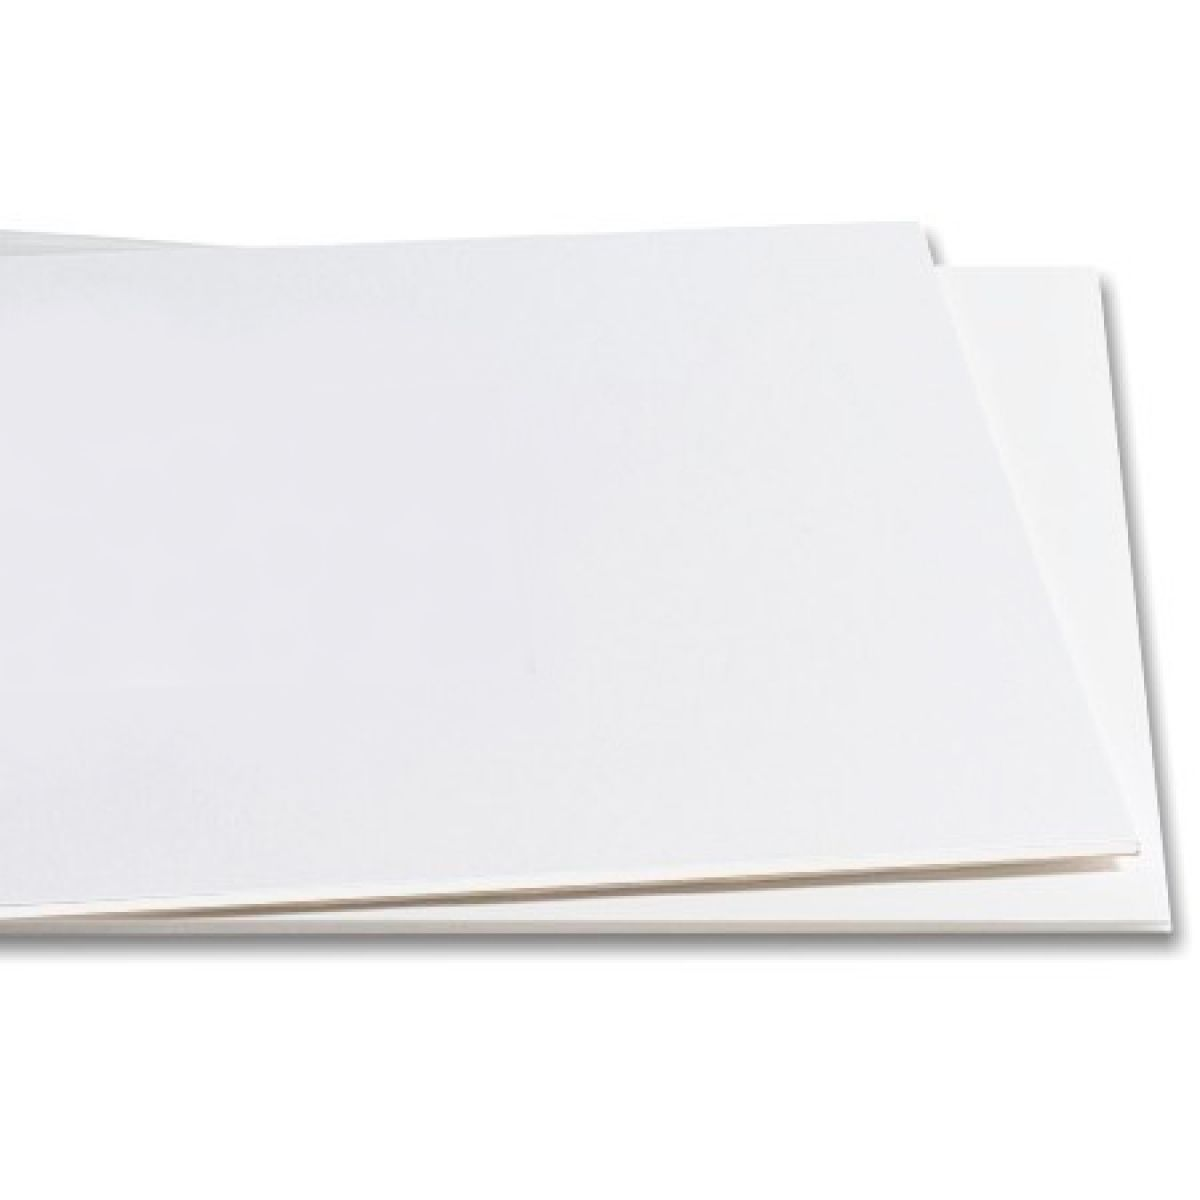 Papel Couche Brilho 250g A4 Embalagem Com 10 Folhas Phandora